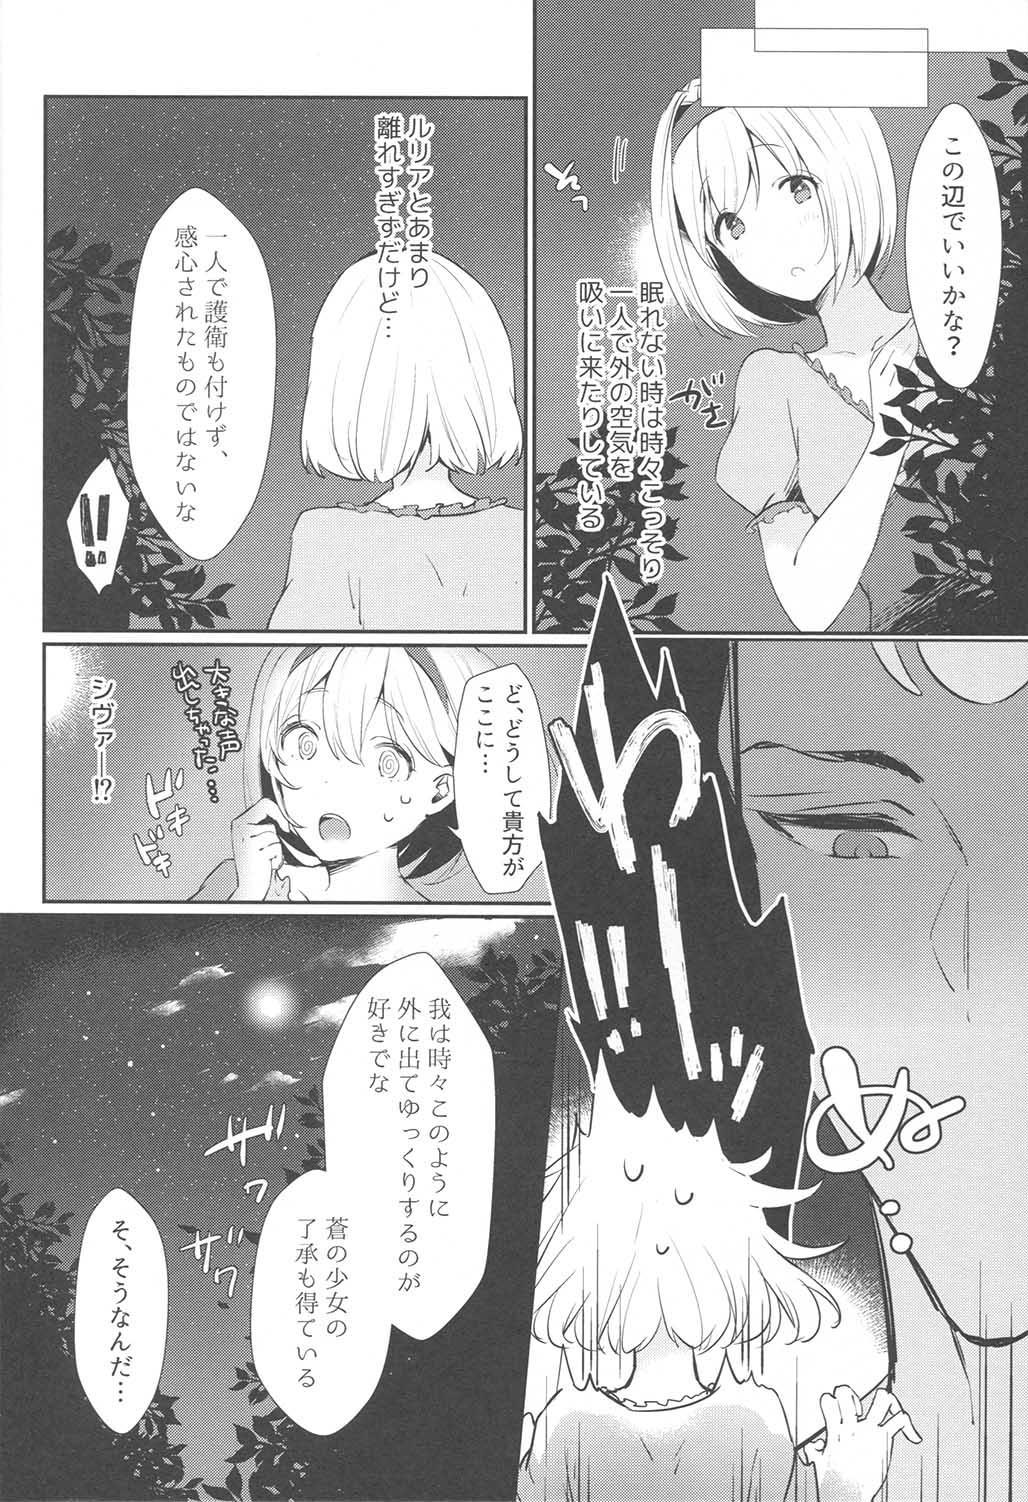 Koyoi, Watashi no Hajimete o Anata ni Sasagemasu 2